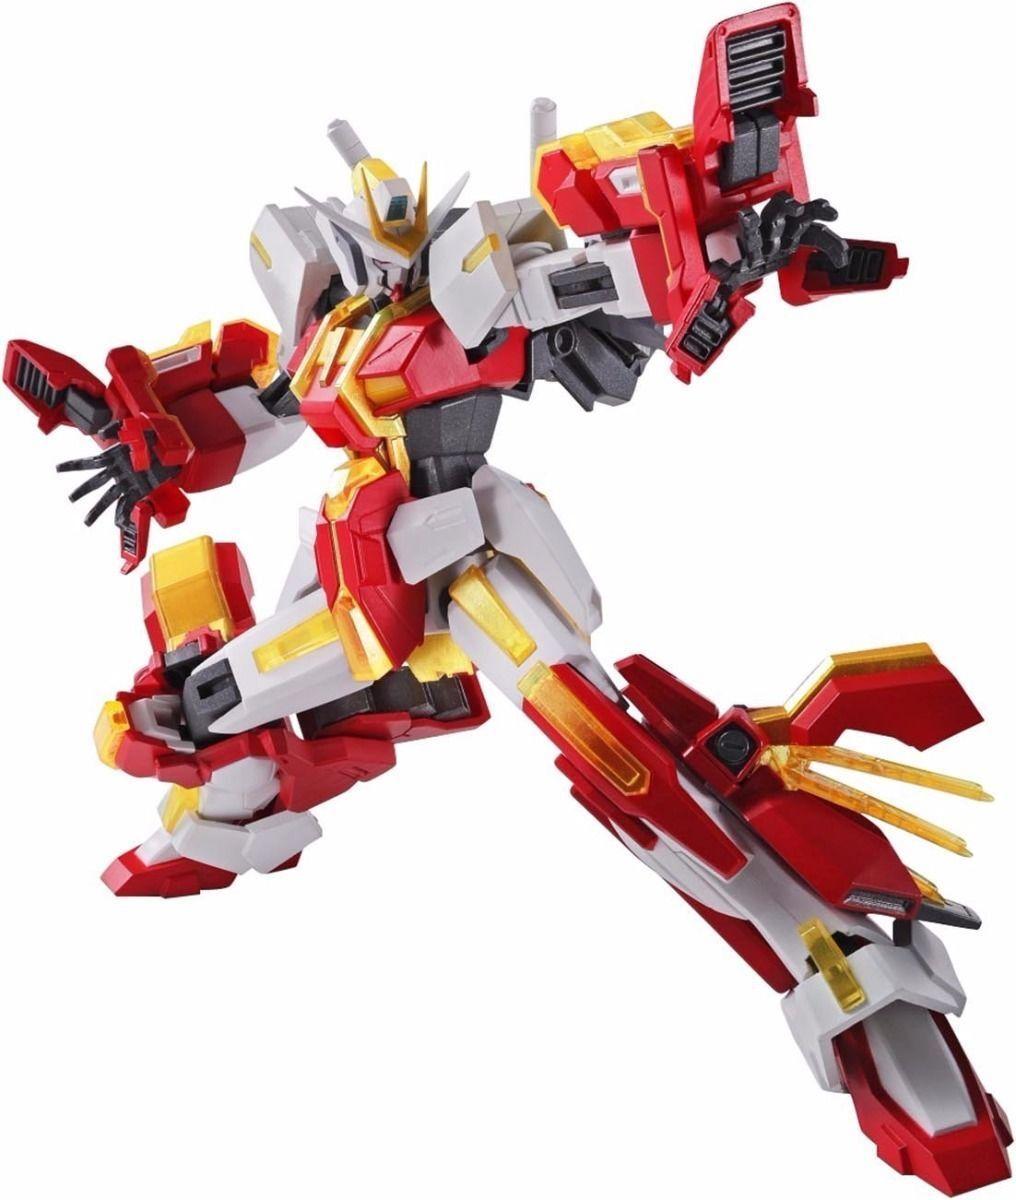 Robotar Laterale Extreme Gundam Typ Leos Xenon Face Action Figur